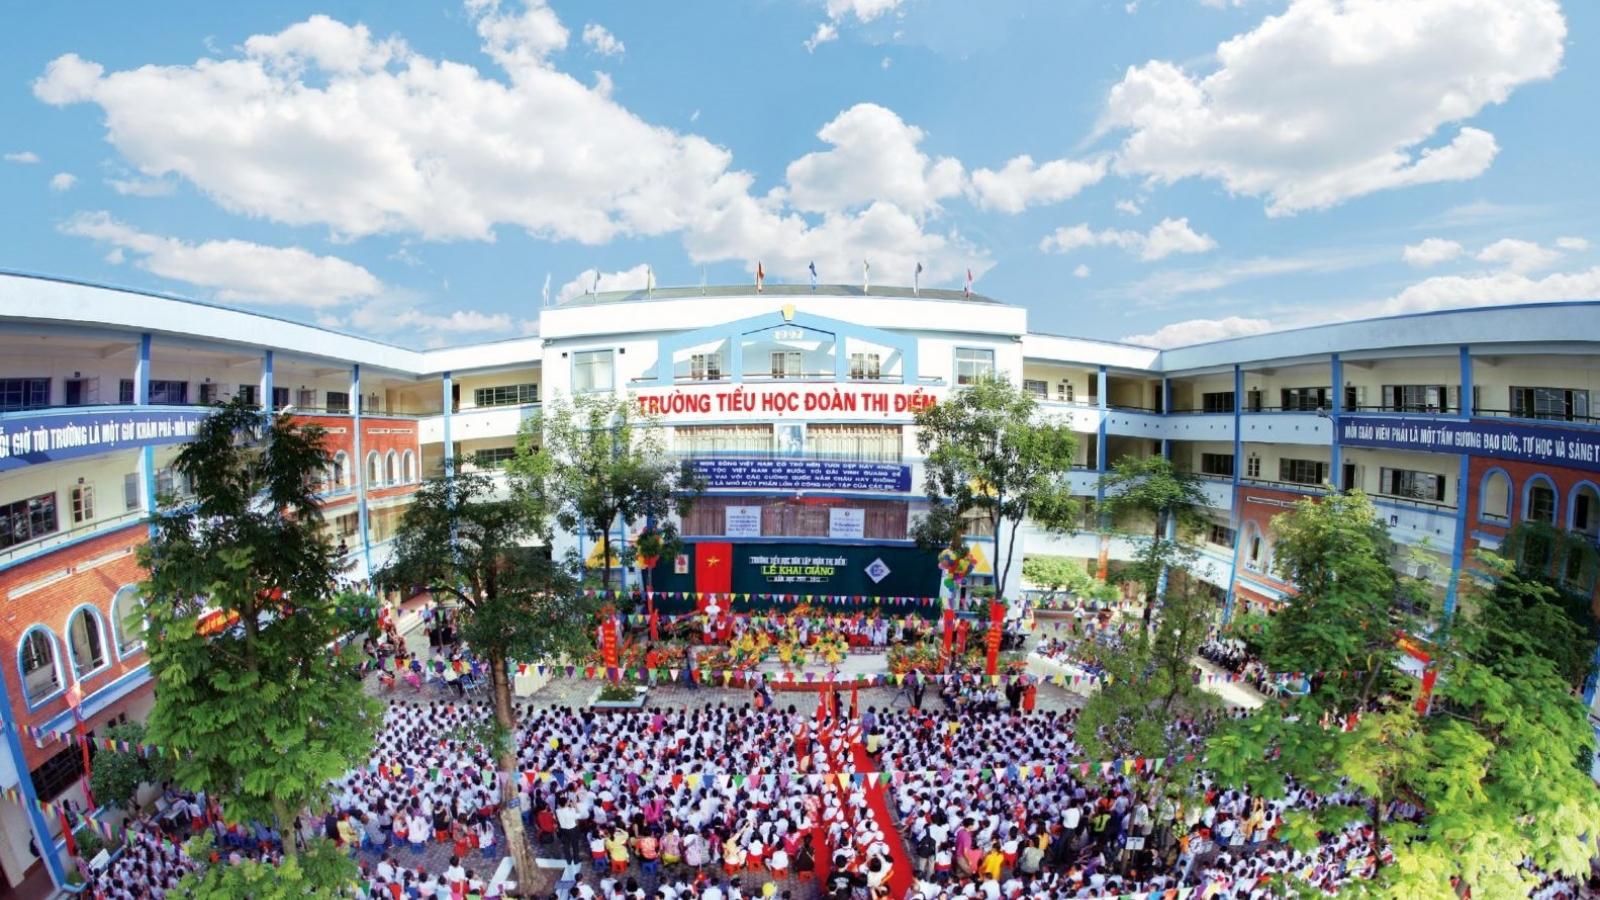 Trường tiểu họcĐoàn Thị Điểm, Hà Nộibỏ quên học sinh lớp 3 trên xe đưa đón